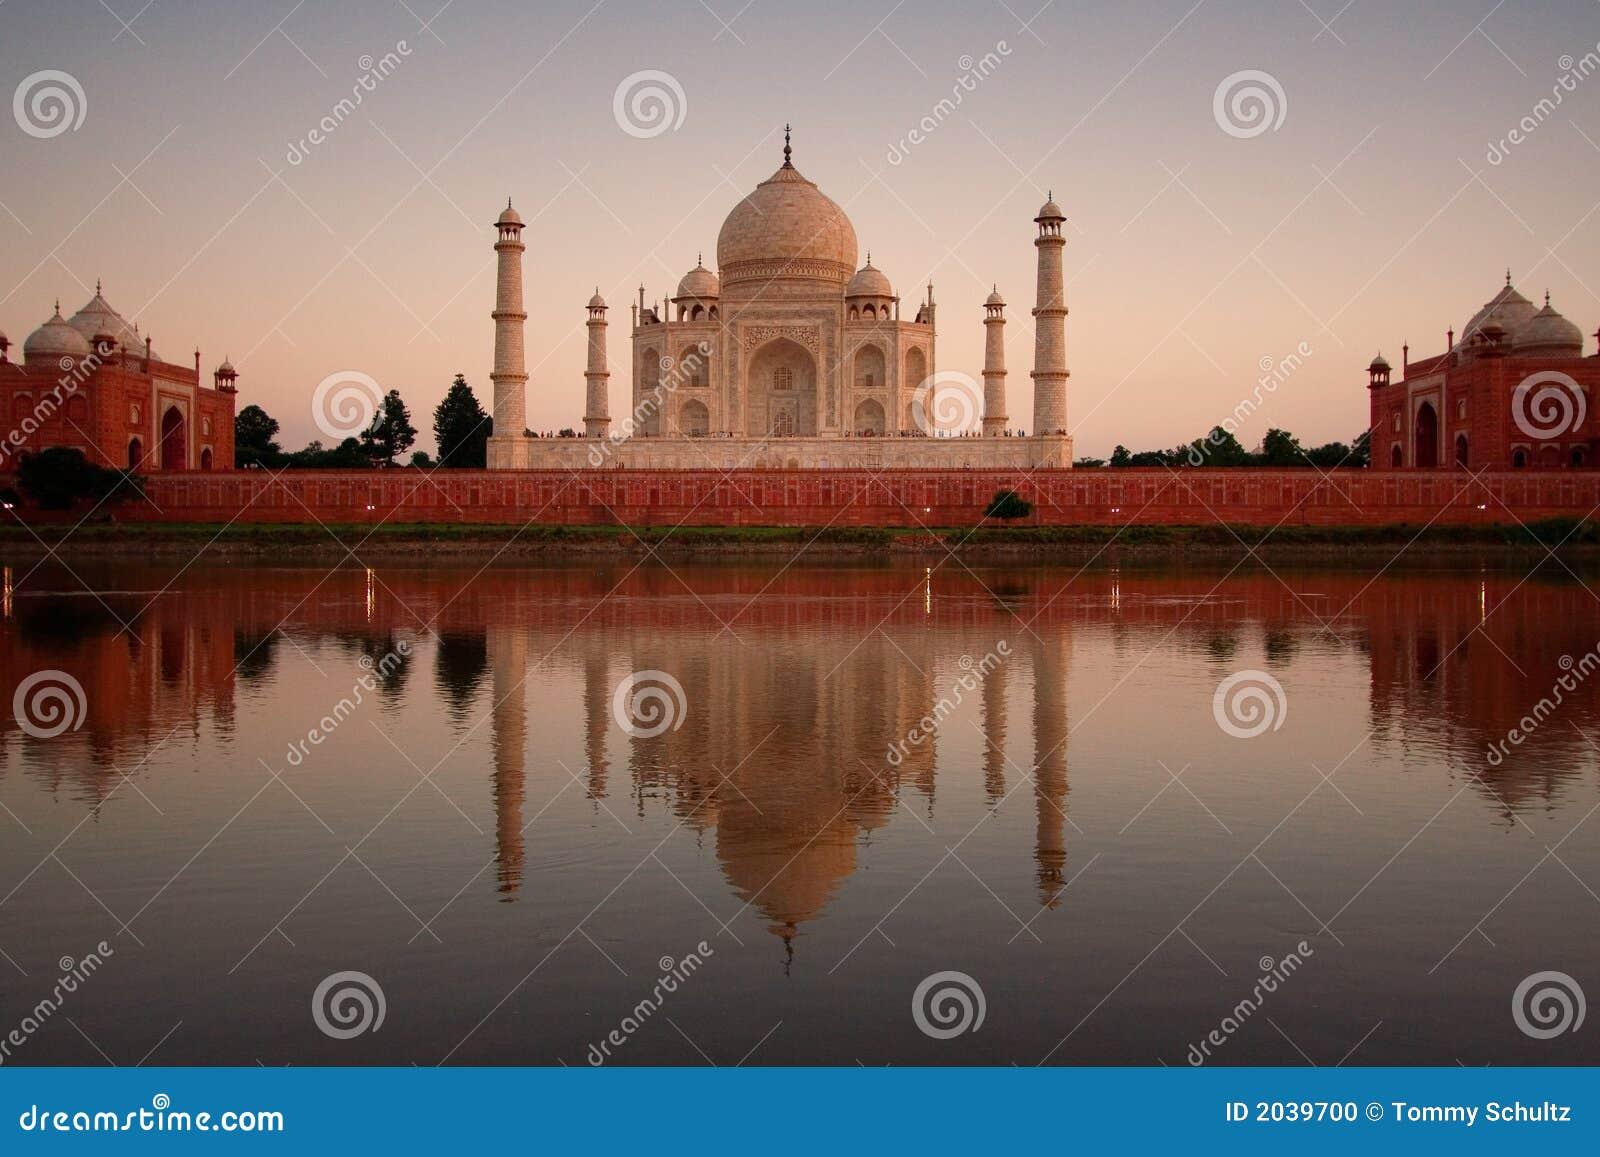 Taj Mahal die in rivier wordt weerspiegeld